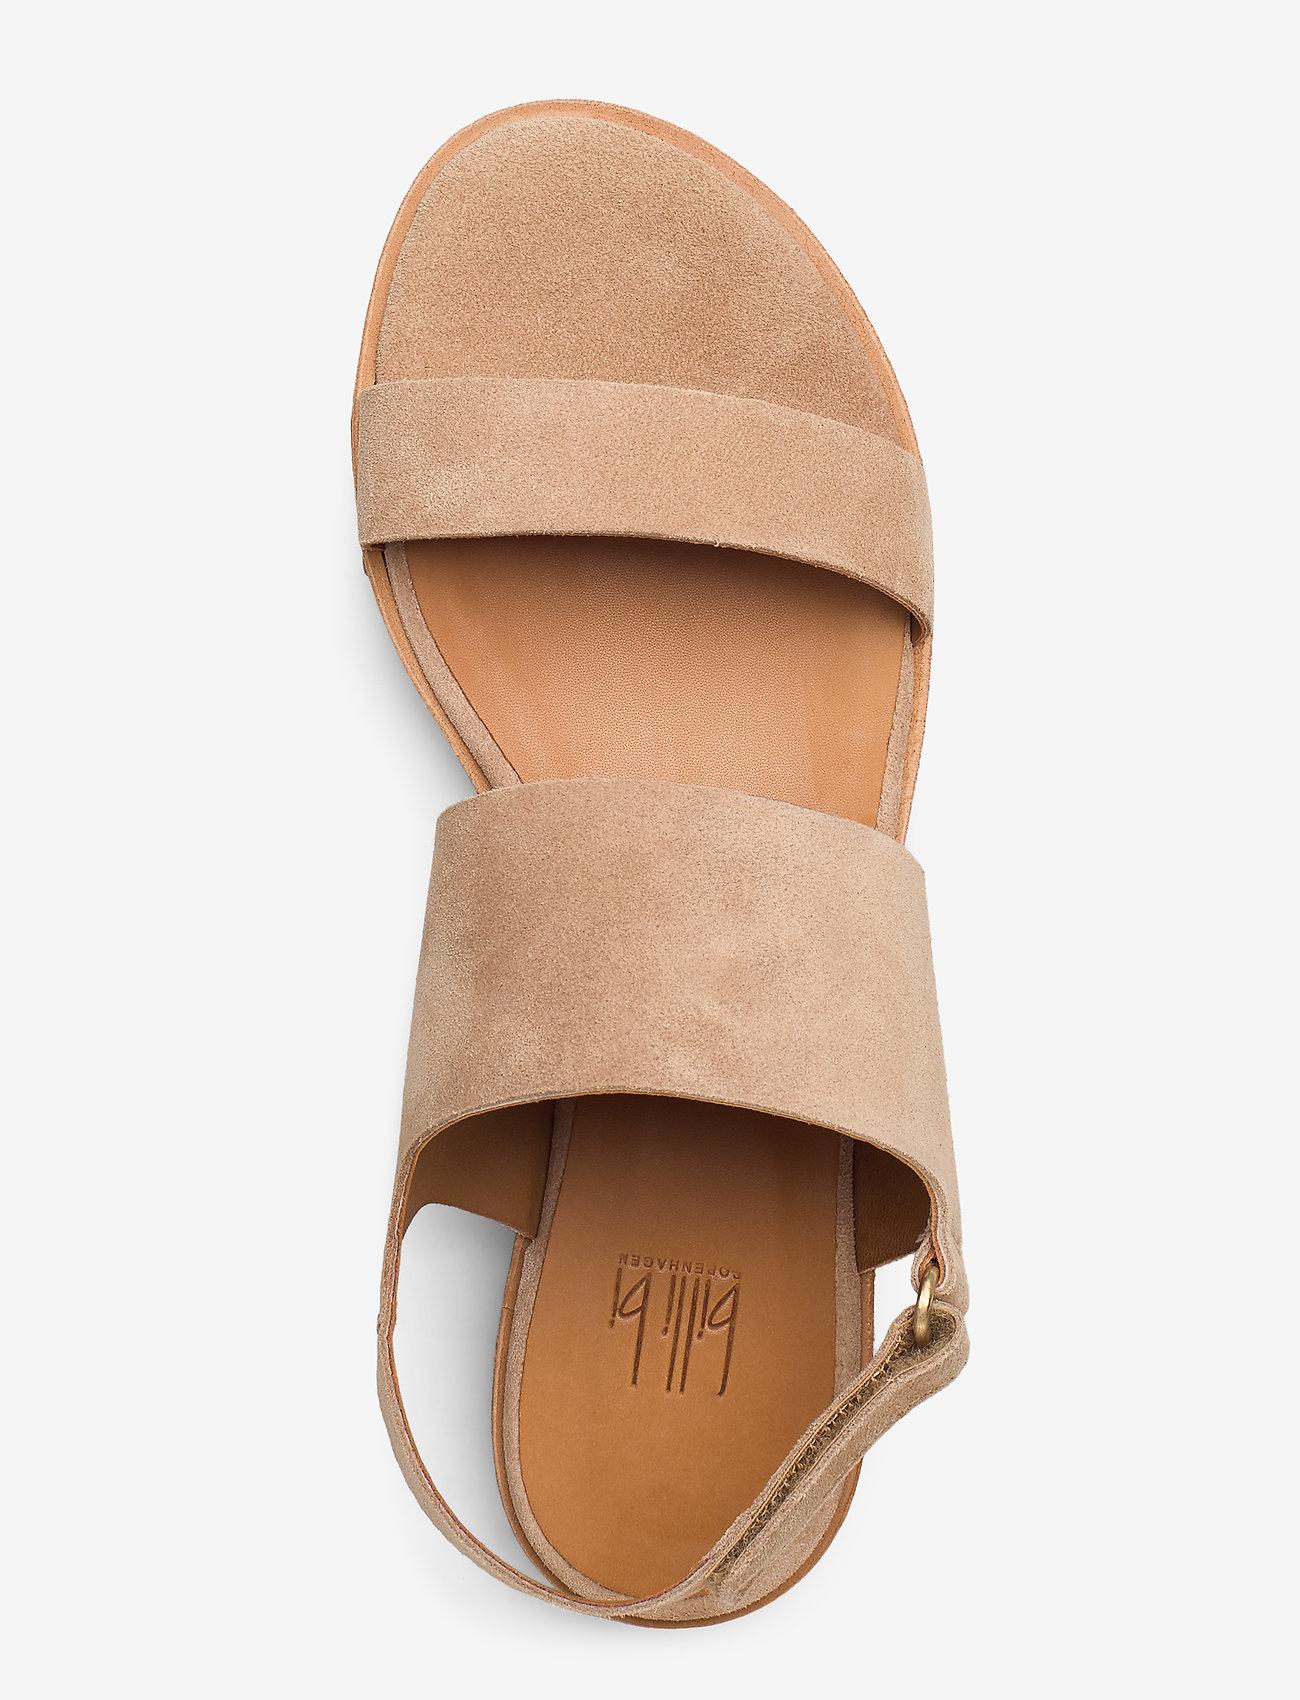 Sandals 4151 (Beige Babysilk Suede 552) - Billi Bi